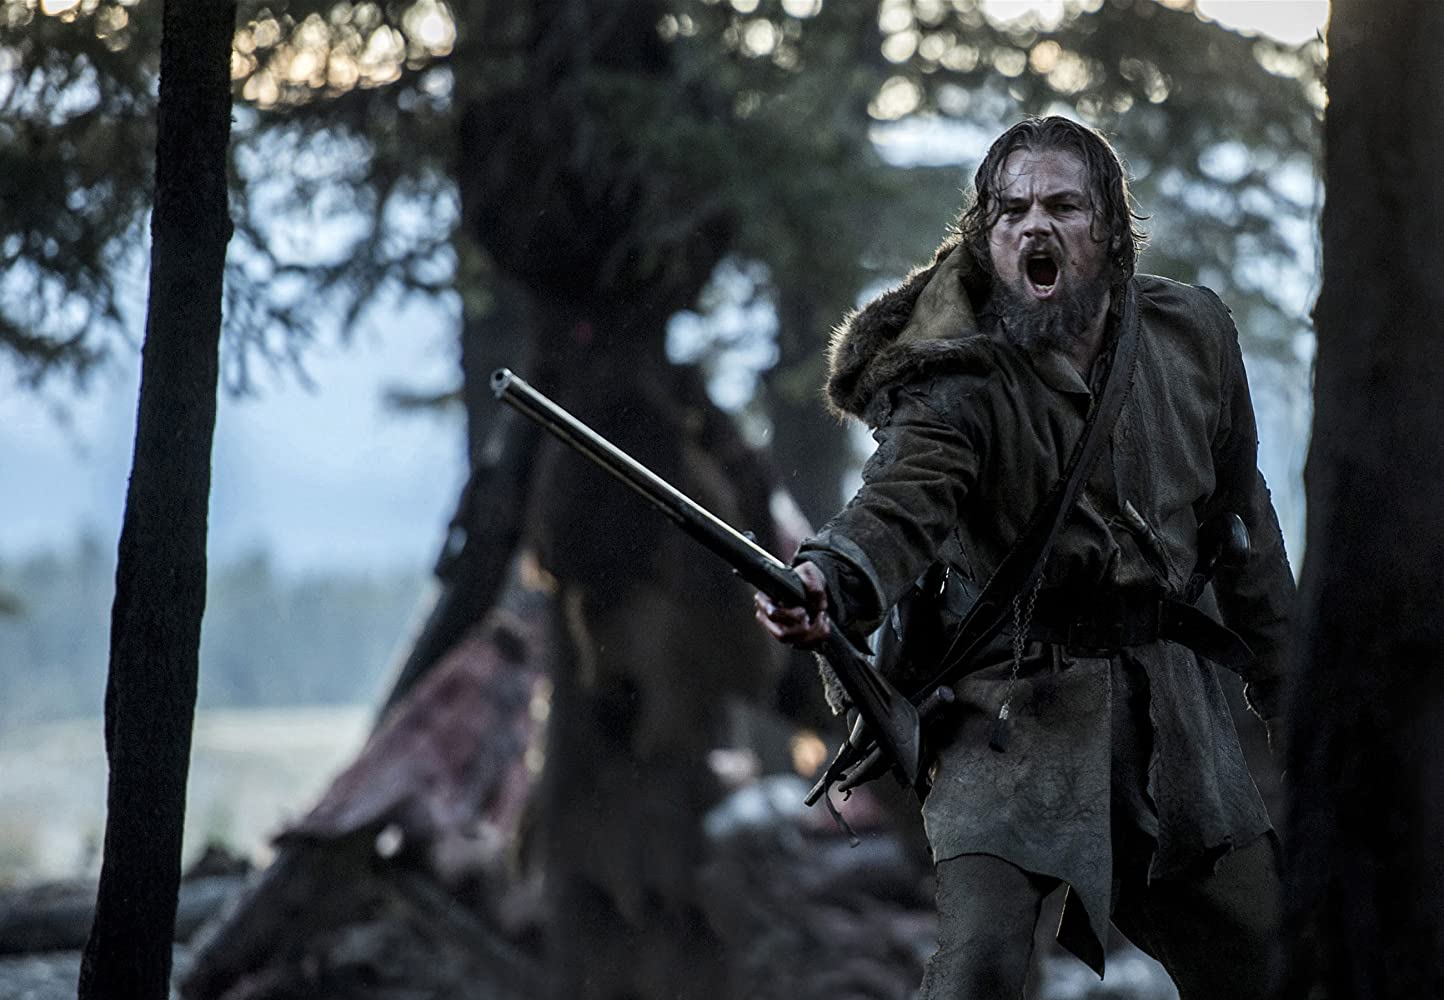 Leonardo DiCaprio in The Revenant (2015)